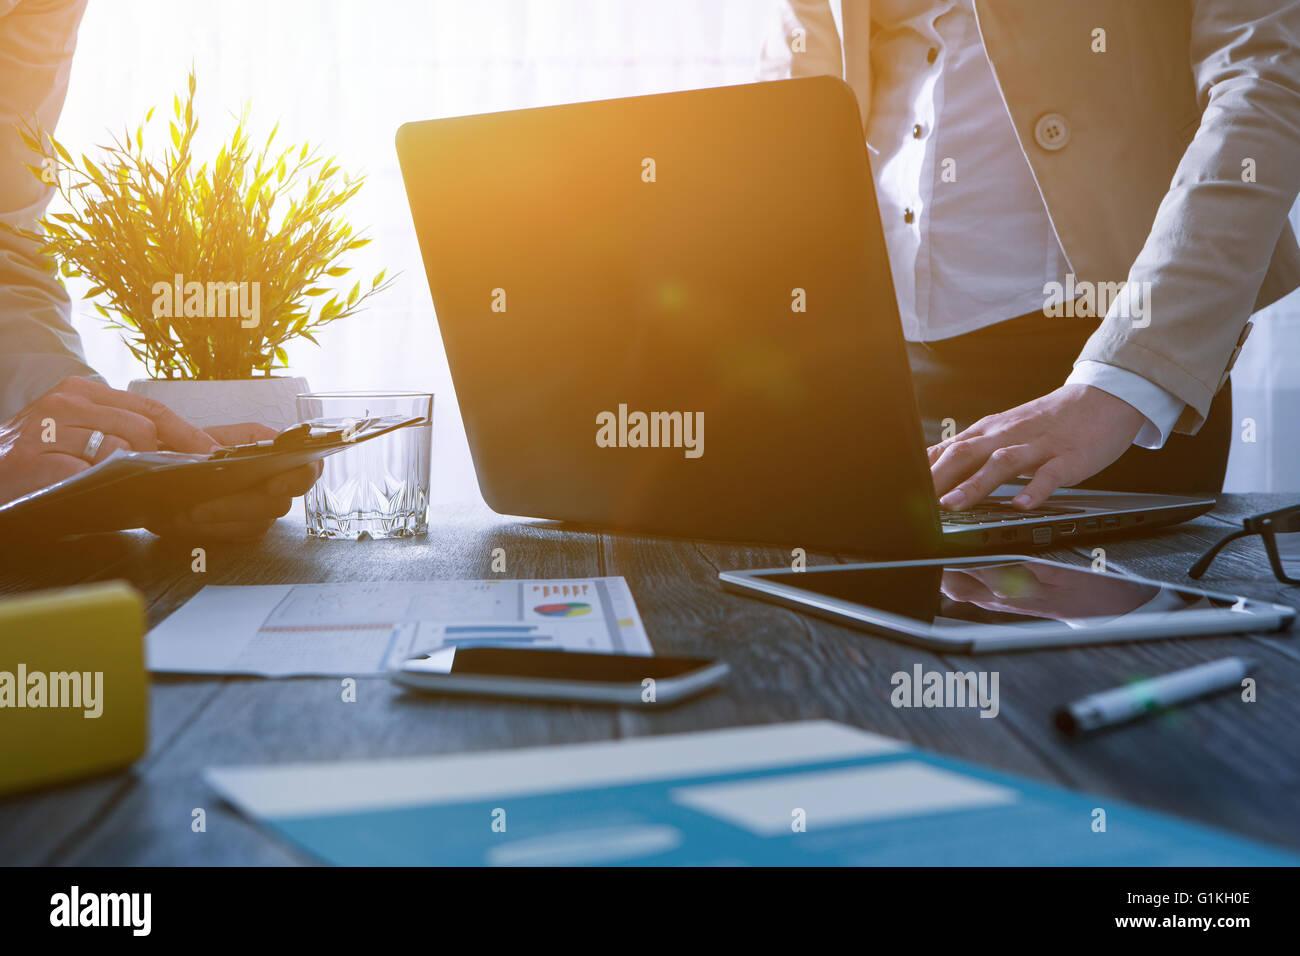 La planificación de carrera profesional ocupado equipo portátil de trabajo trabajo - stock image Imagen De Stock